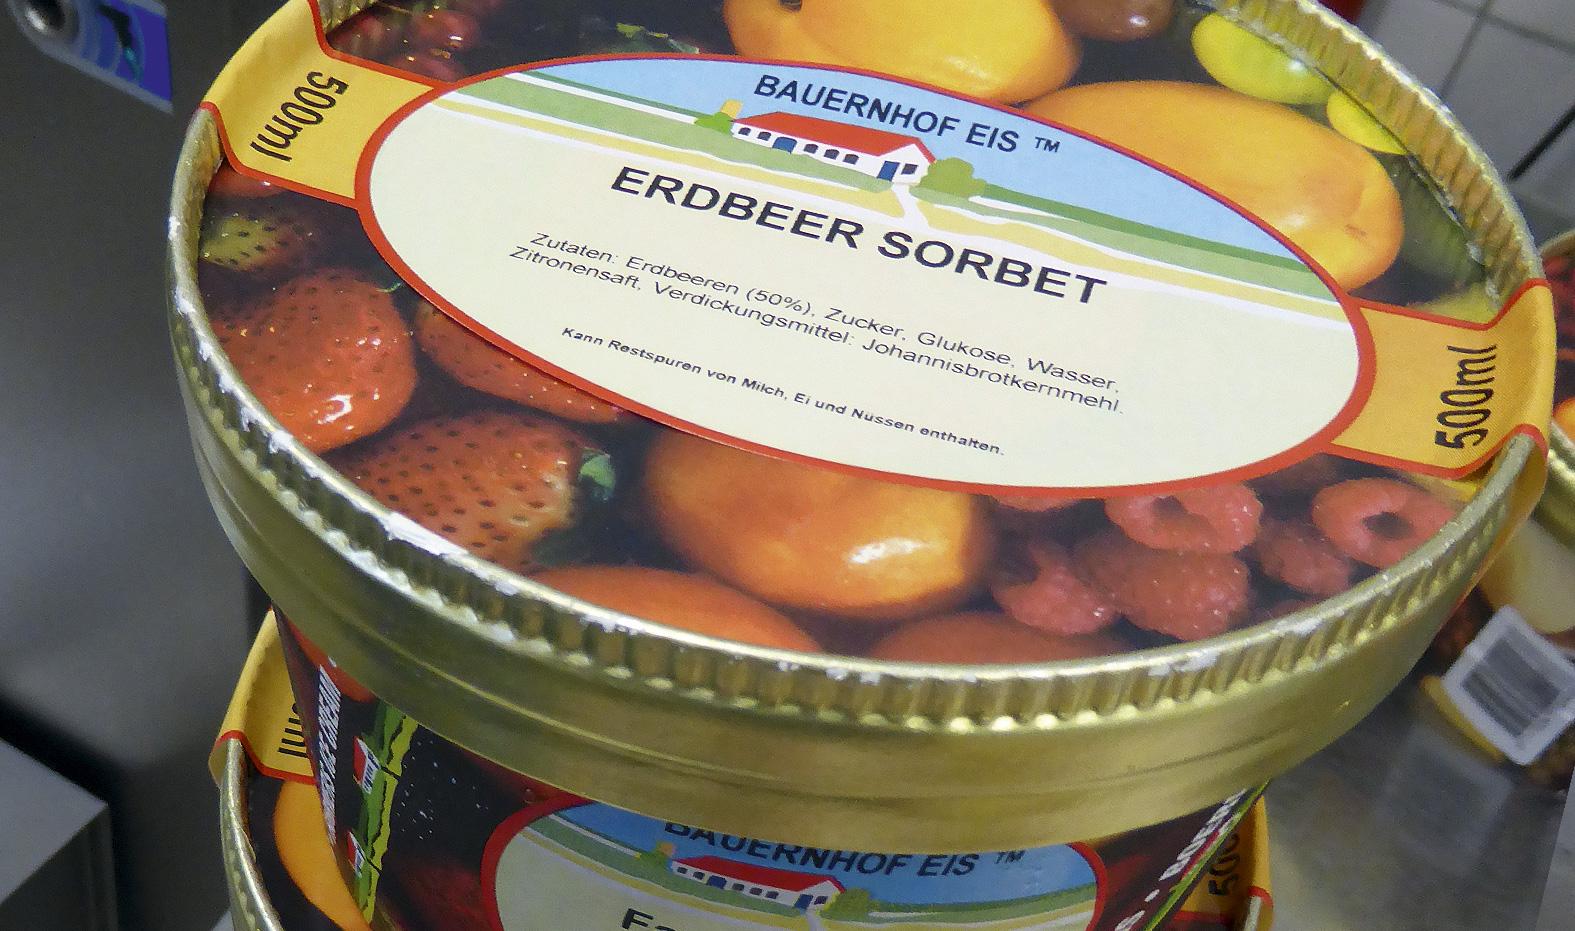 Verkaufsverpackung Bauernhof-Eis Ettenbüttel